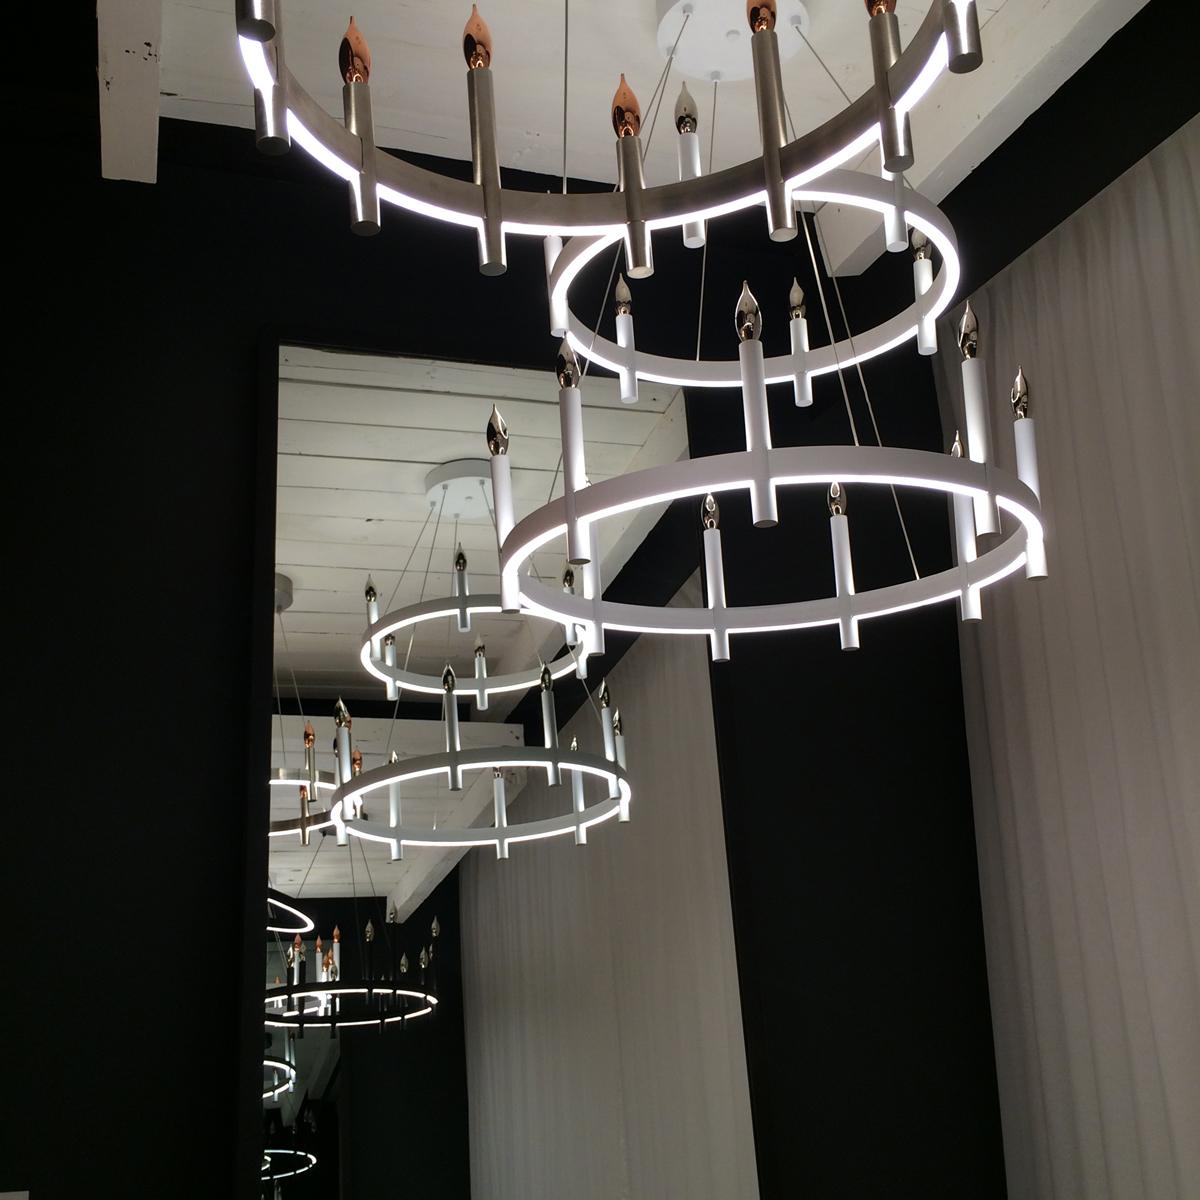 http://lightmynest.com/wp-content/uploads/2015/01/Tech-Lighting-Chandeliers.jpg